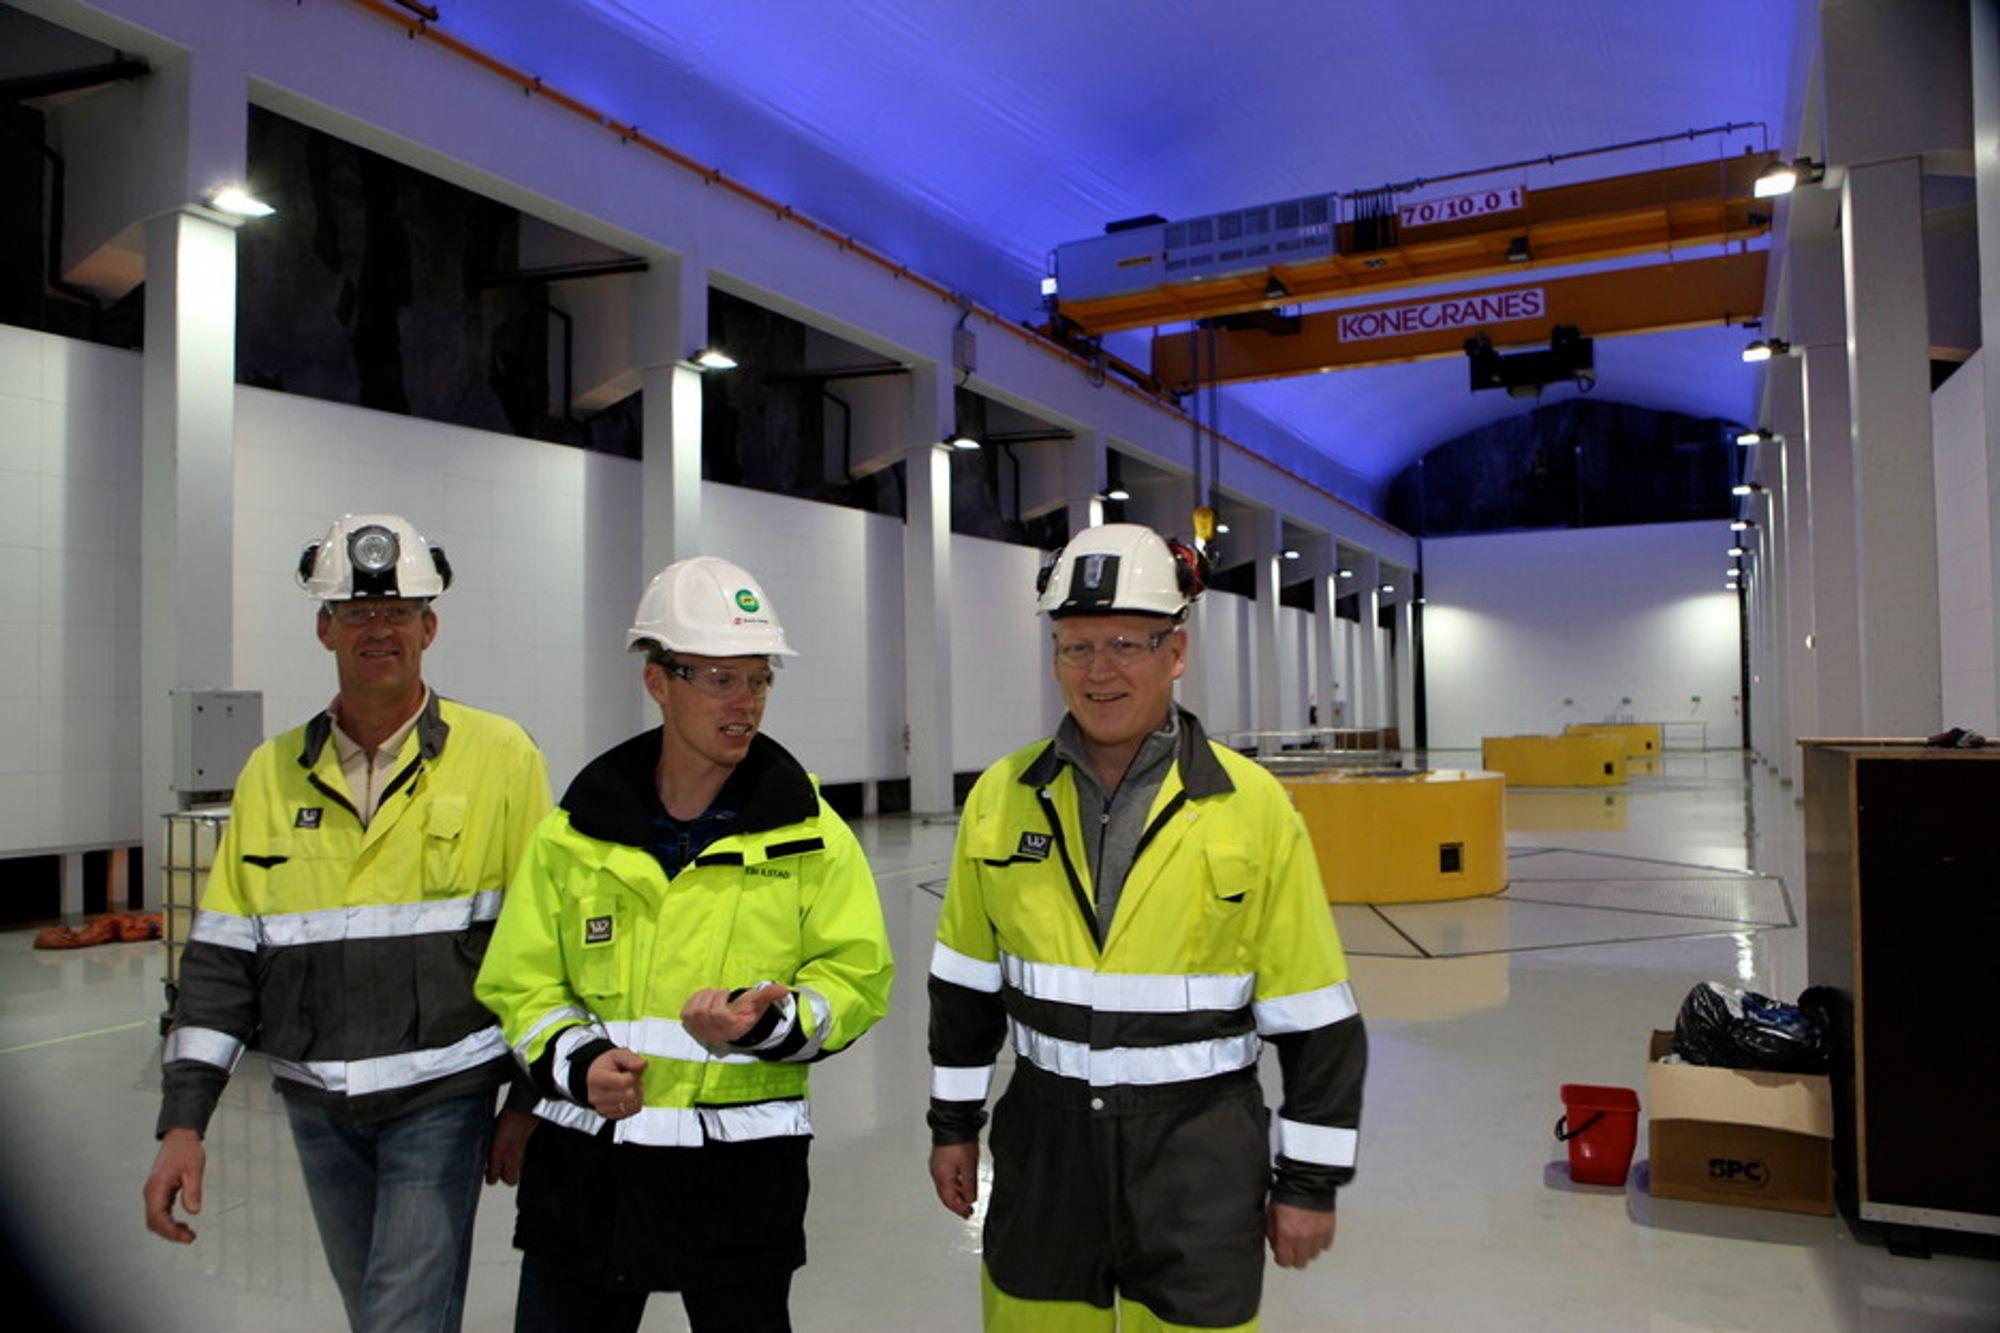 SØNNÅ KRAFTVERK: Prosjektleder Harald Kjetil Glendrange (t.h.), Elkem-direktør Svein Ilstad og byggeleder Helge Nilsen inne i nye Sønnå kraftverk, en kilometer inne i fjellet i Sauda.